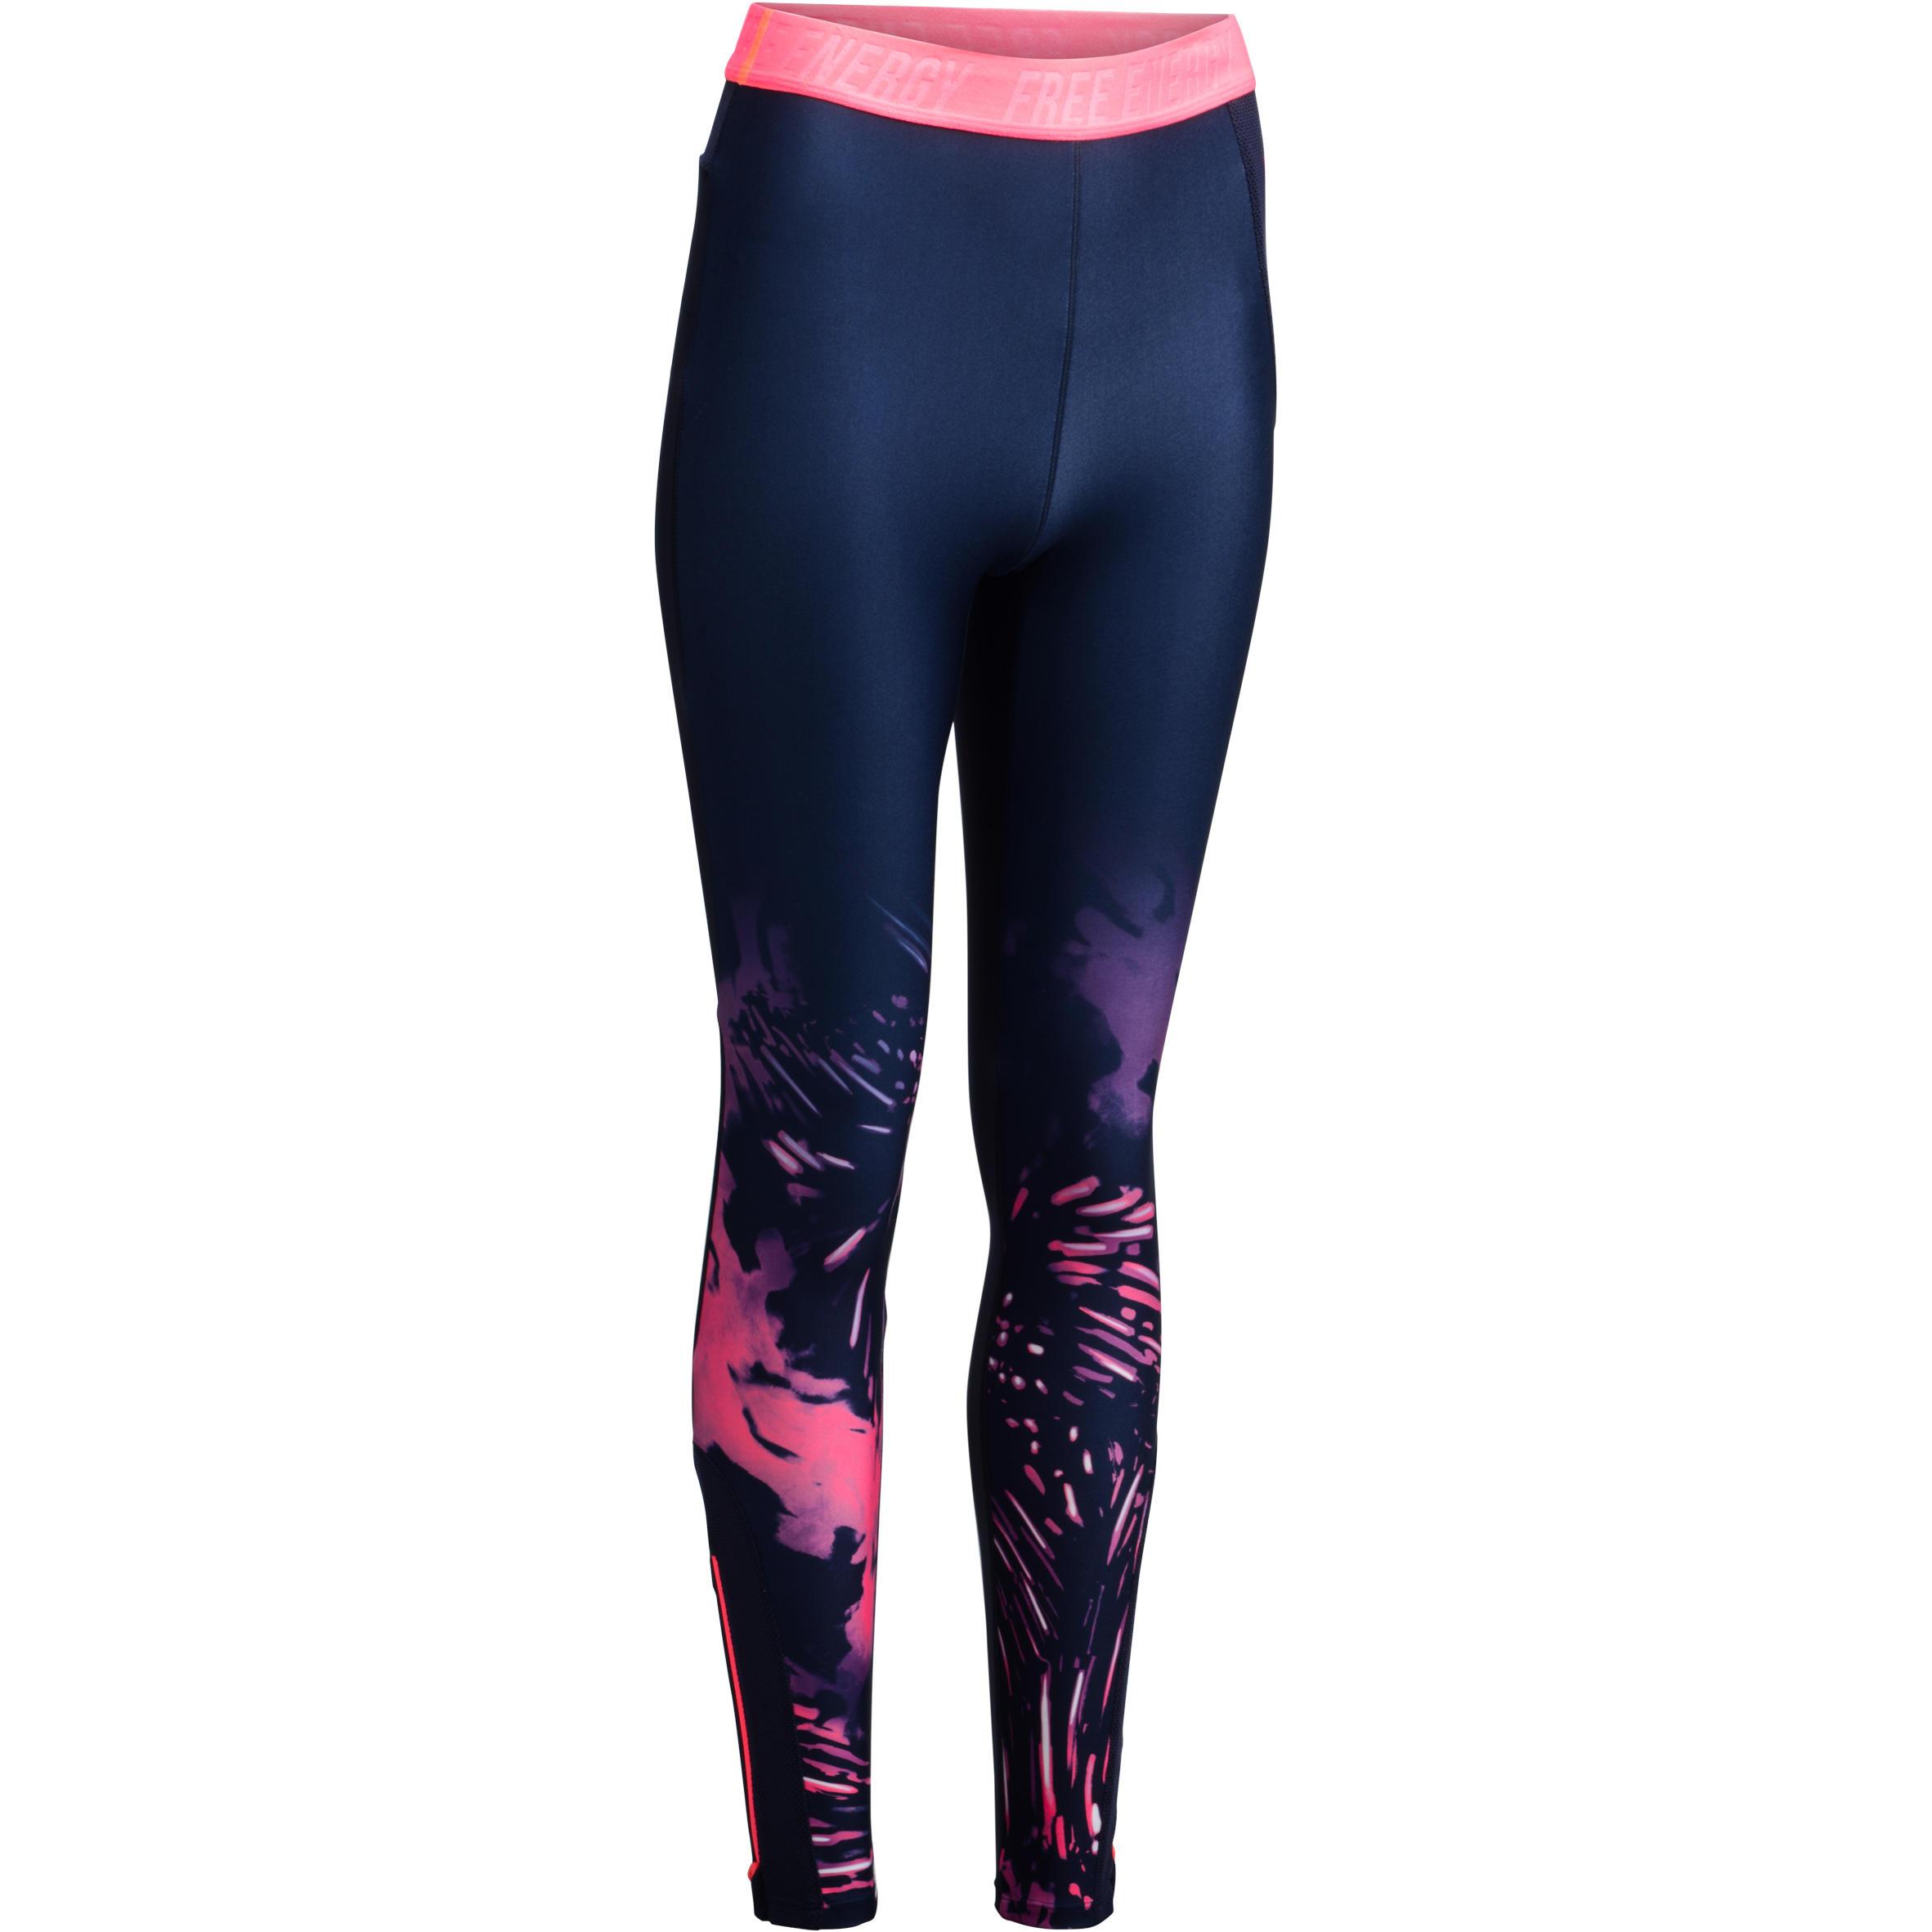 Domyos Legging voor cardiofitness dames marineblauw tropische roze prints 500 Domyos